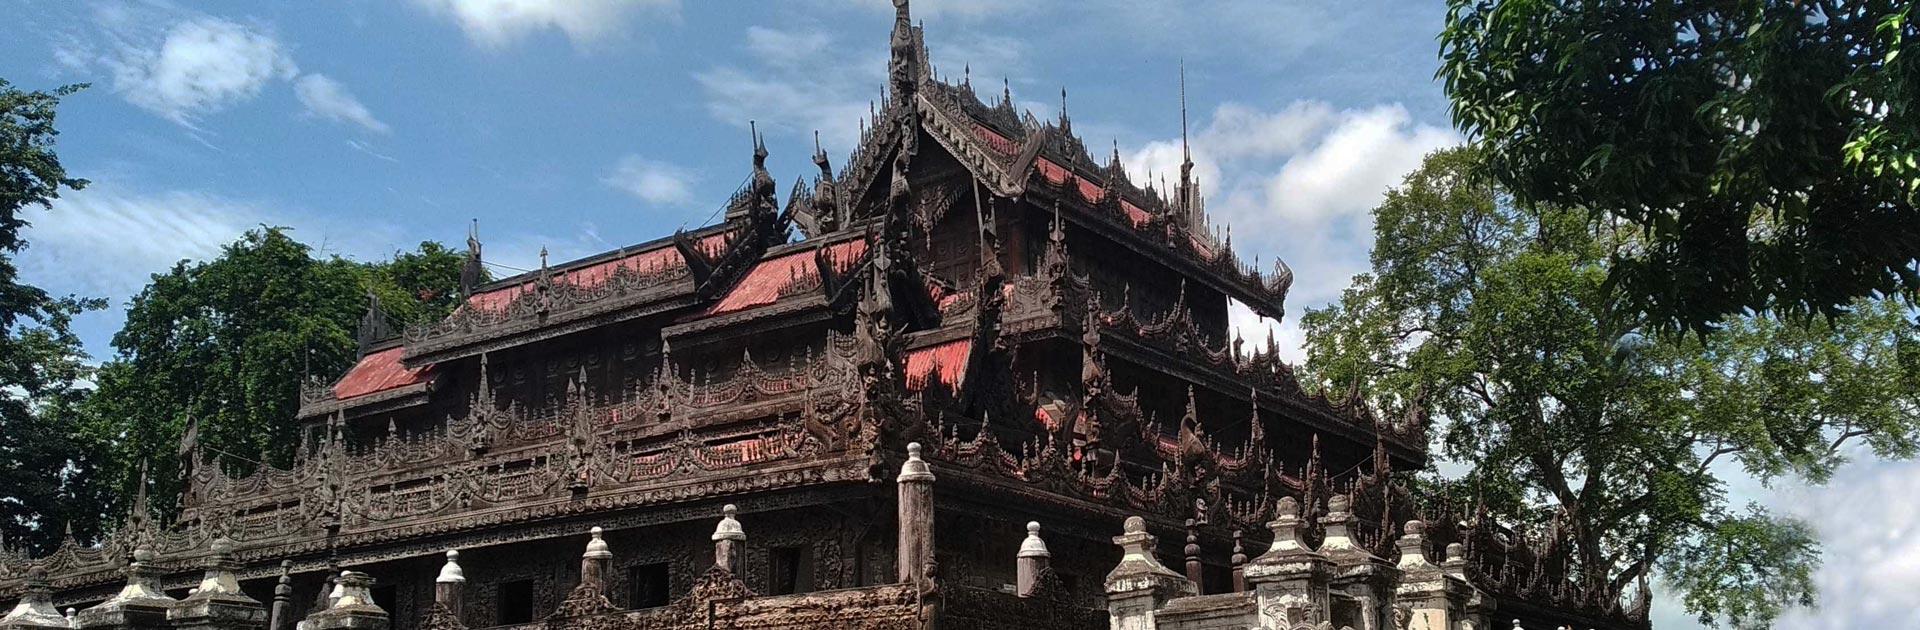 MM Escapada a Myanmar 10 días 2